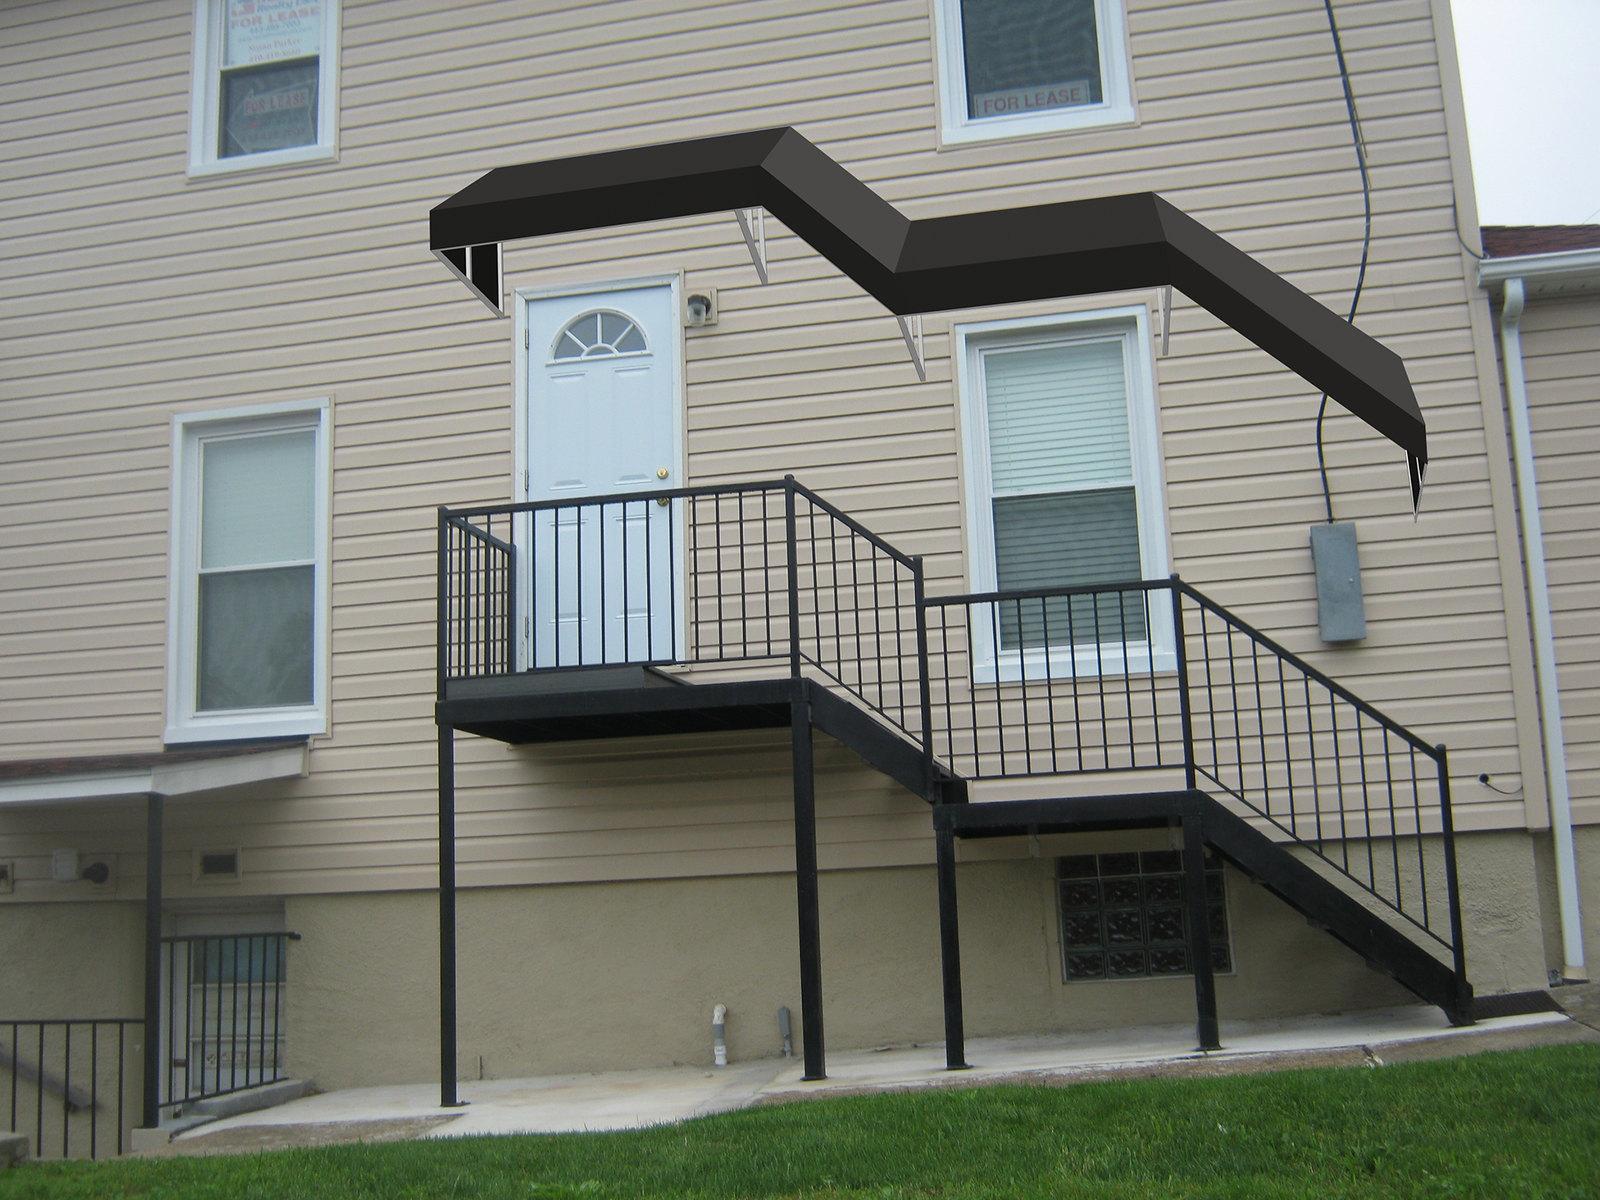 Stairway Awning Rendering